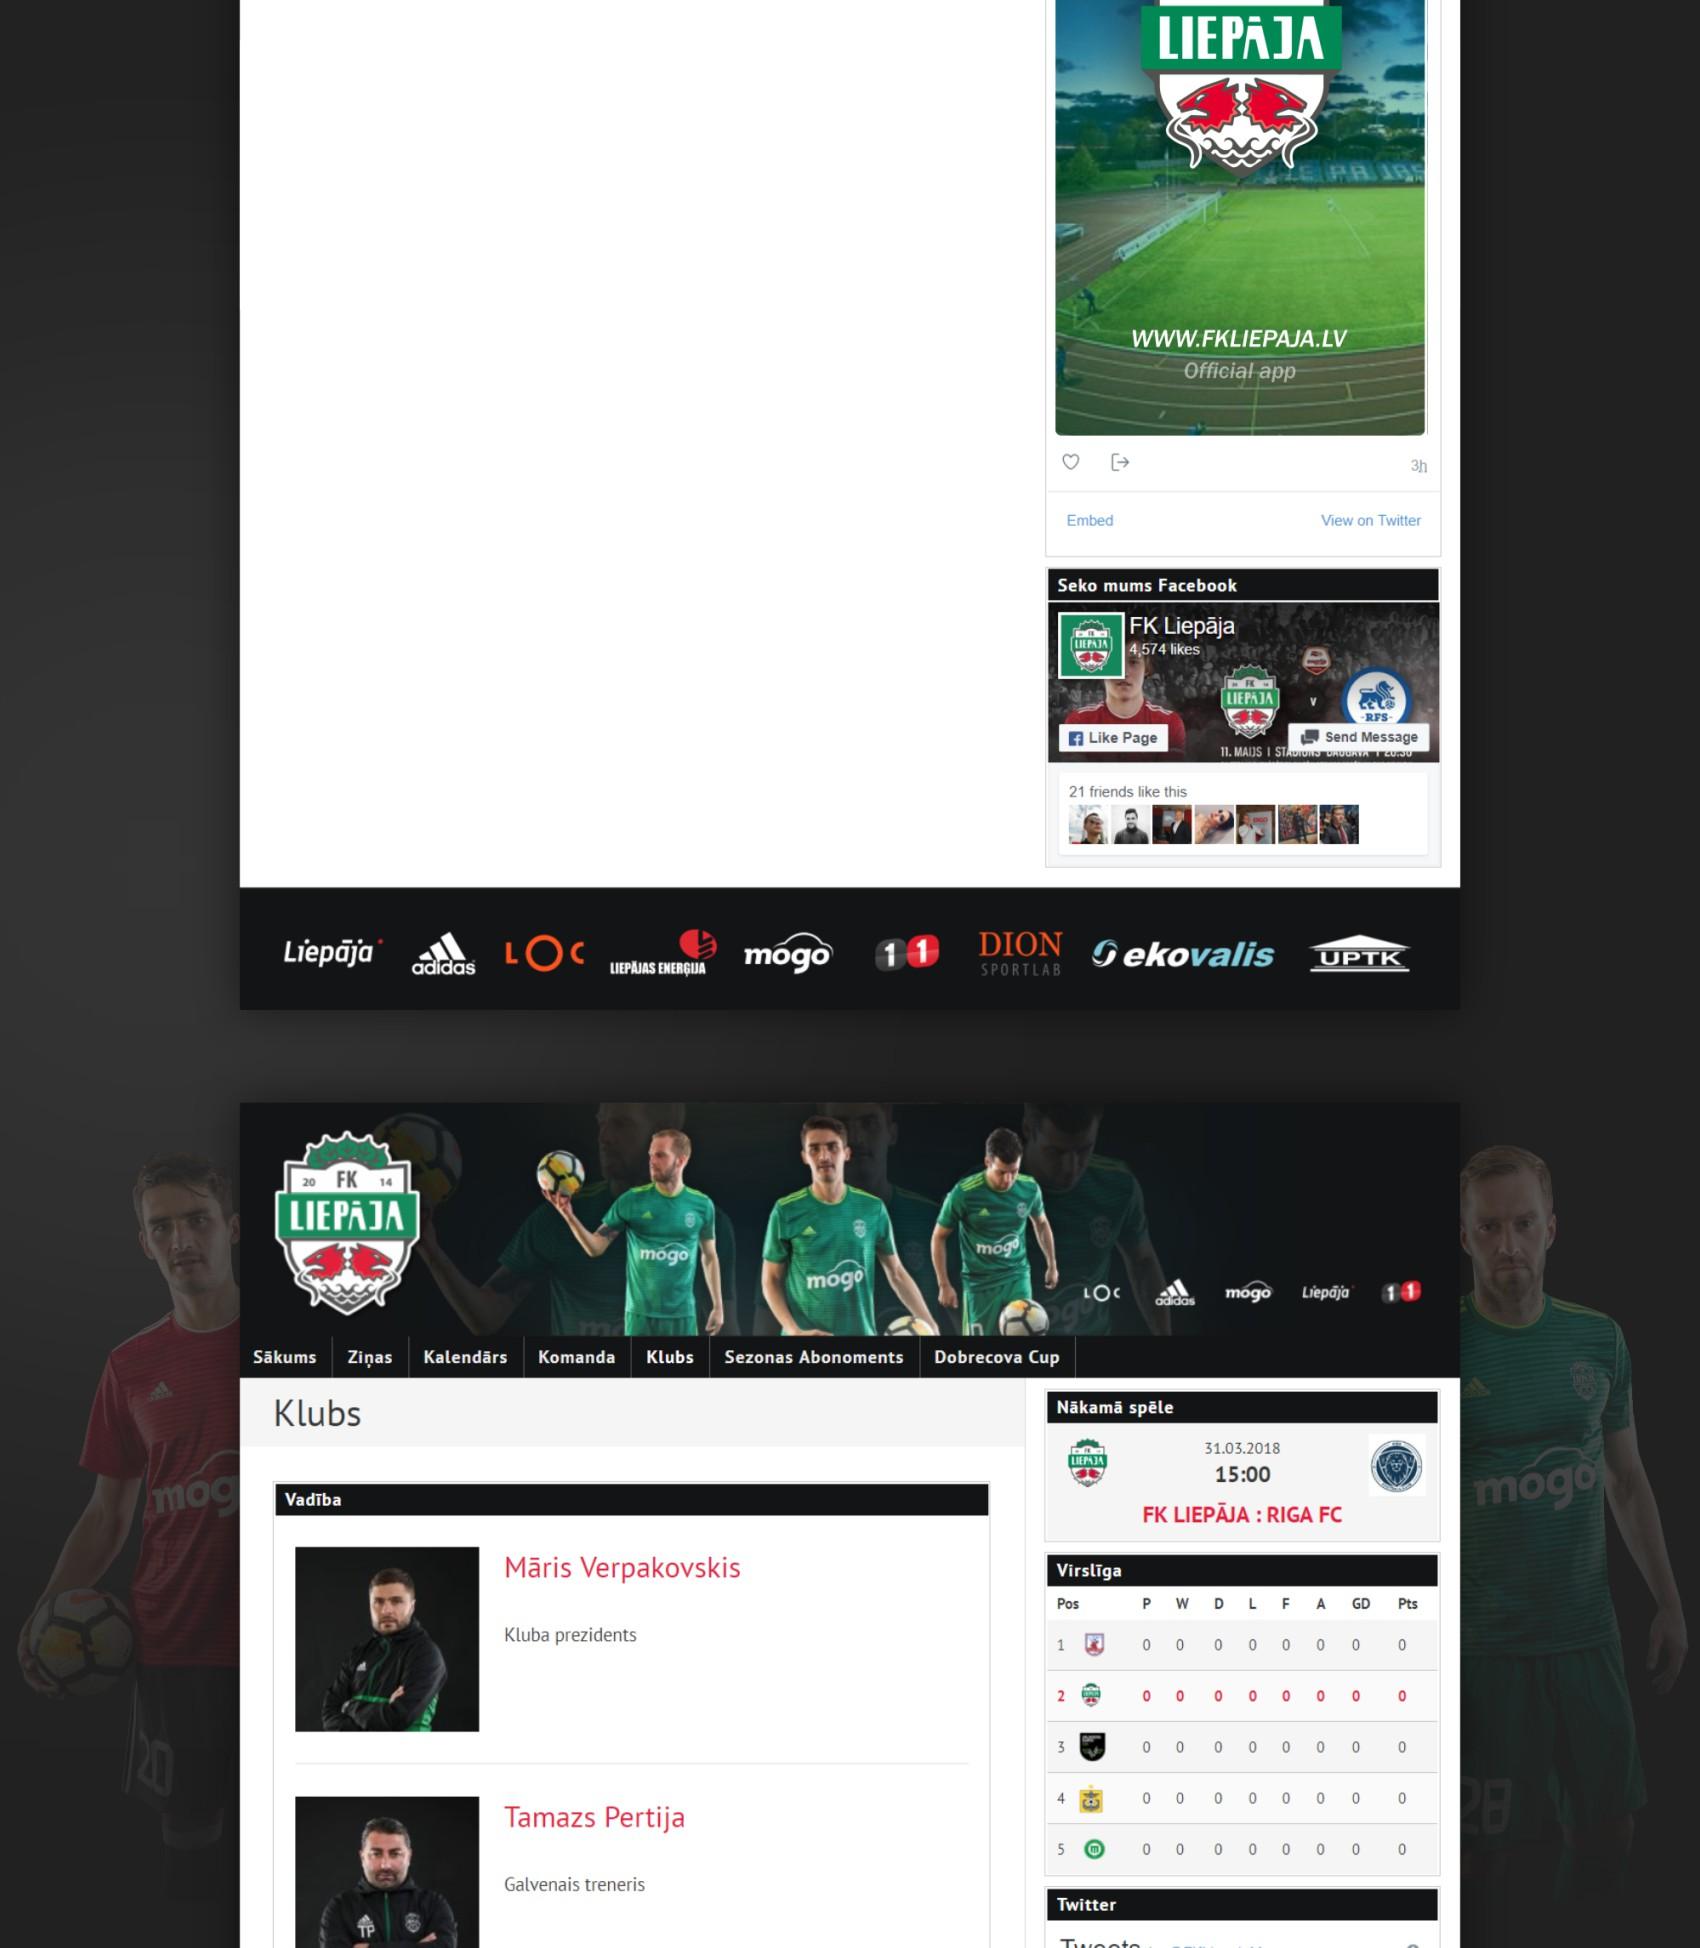 Futbola klubs Liepāja mobilā aplikācija tiešsaistes sporta rezultāti - mājas lapas izveide portfolio